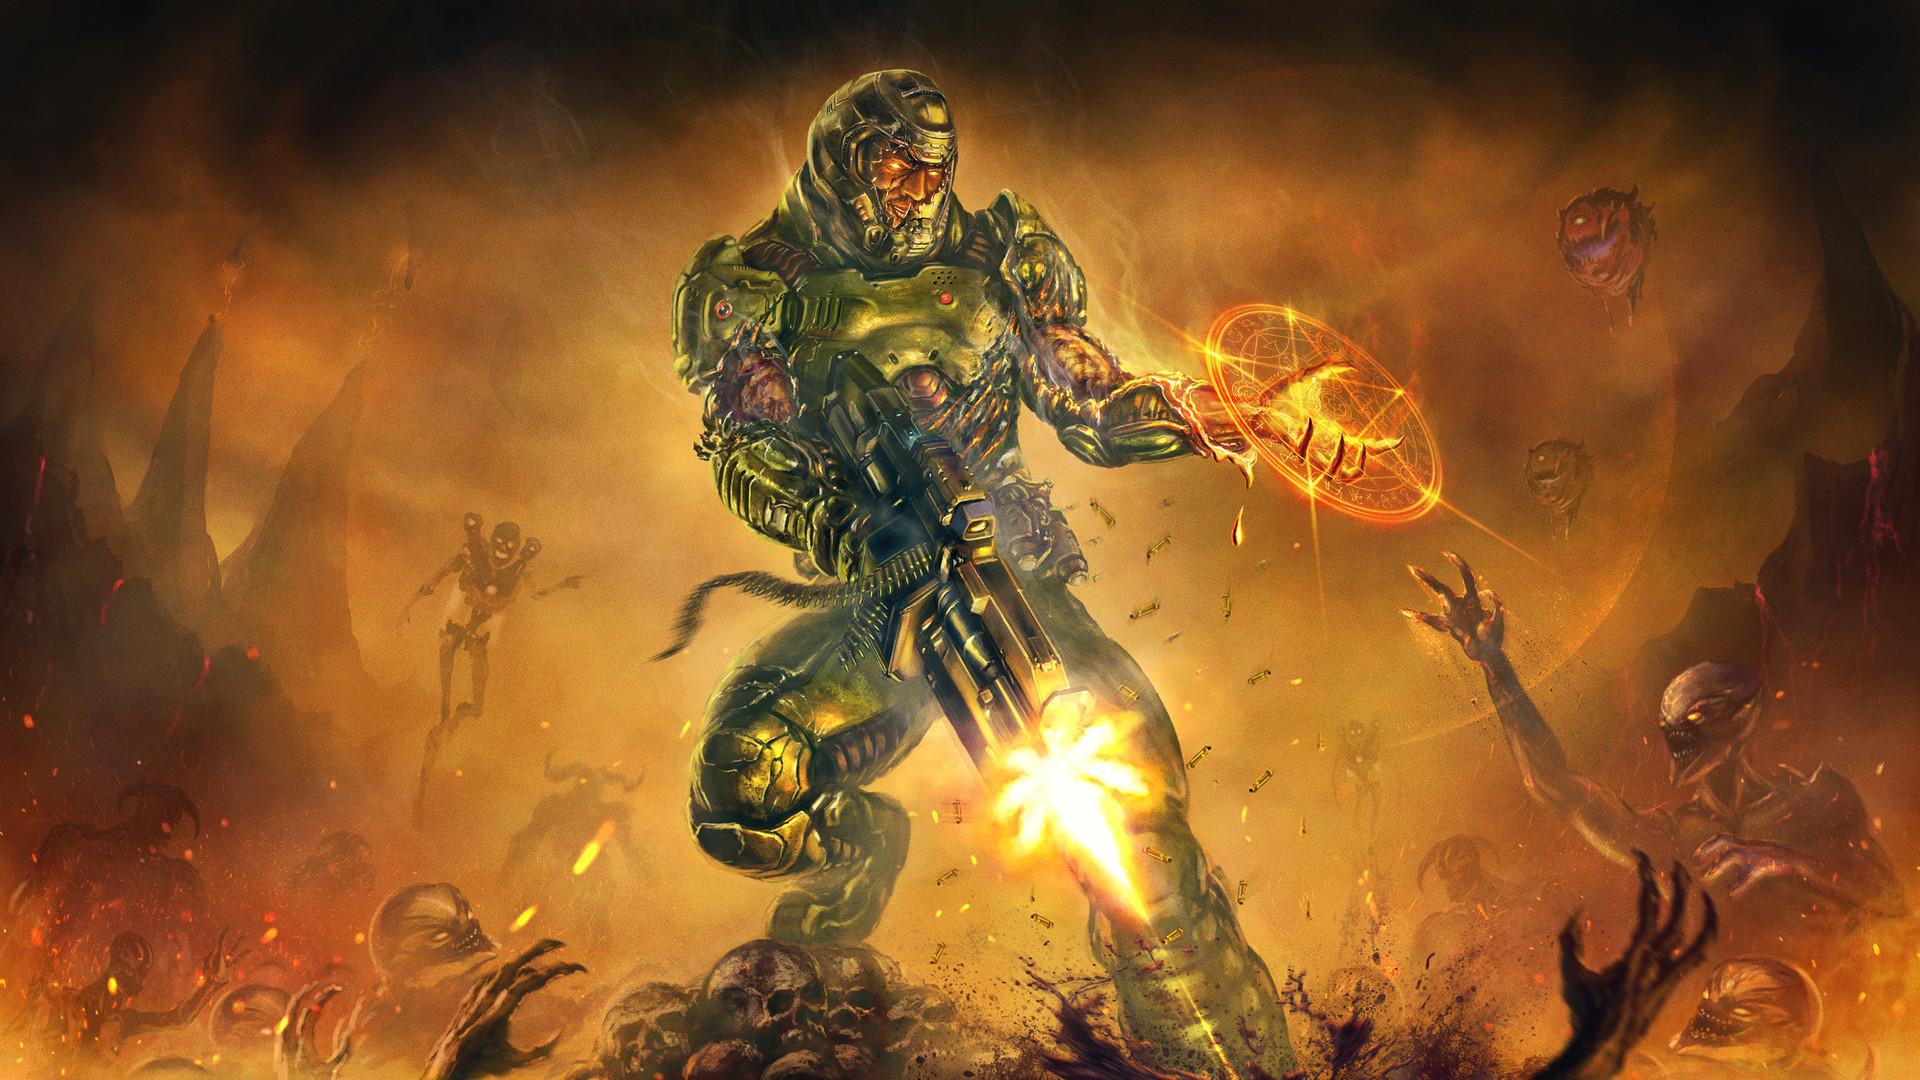 Doom Eternal 4k Wallpapers Posted By Ryan Mercado